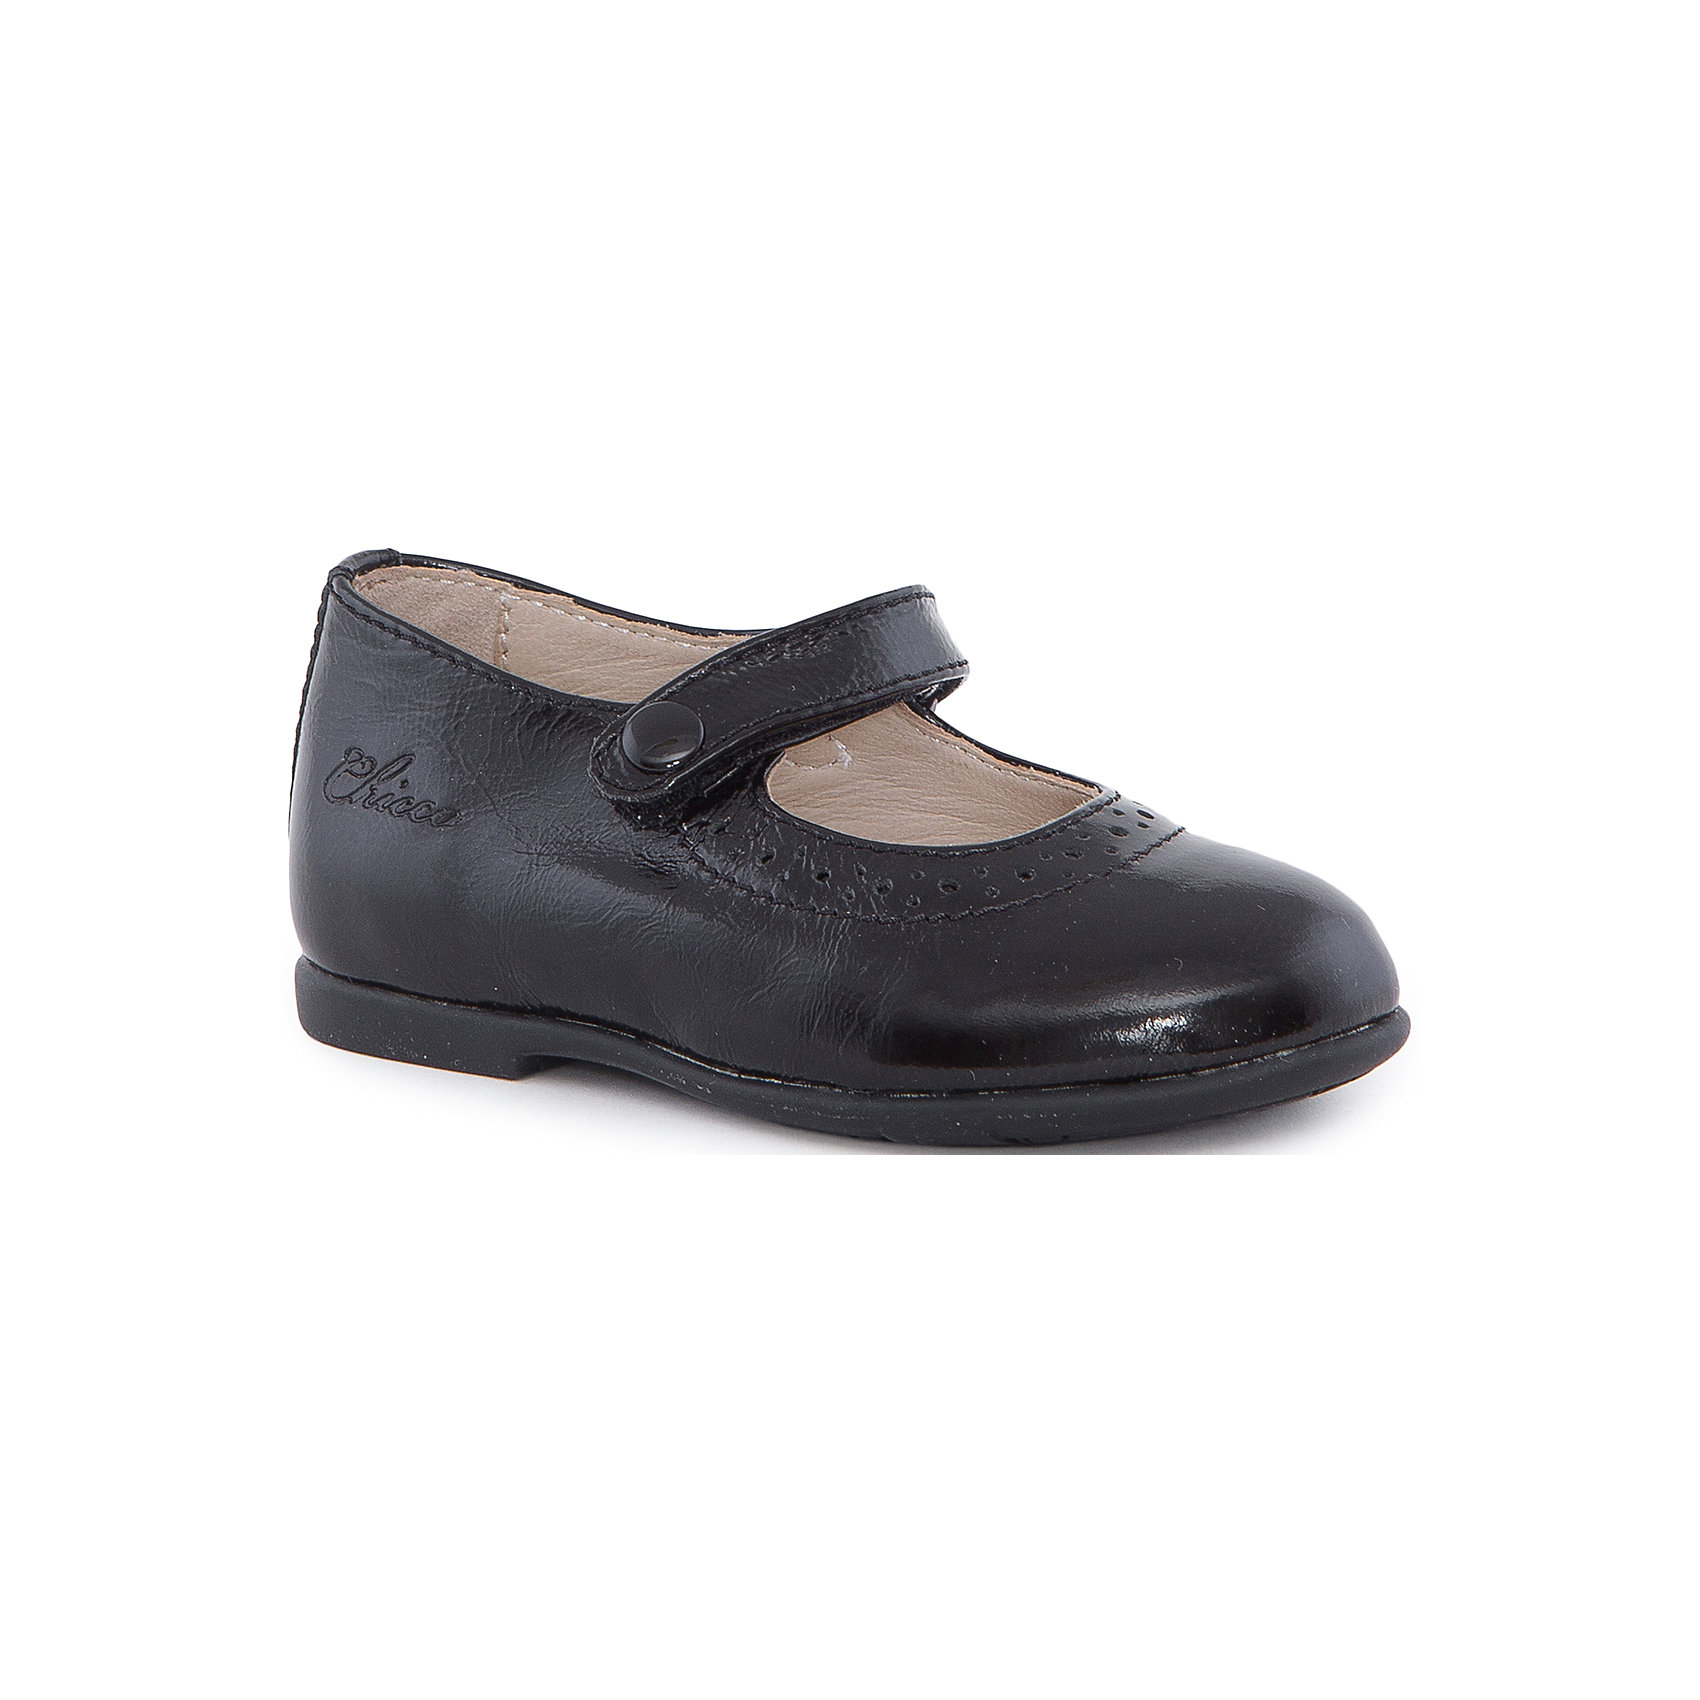 Туфли для девочки  CHICCOТуфли<br>Балетки для девочки CHICCO<br><br>Характеристики:<br><br>Тип застежки: на липучке<br>Тип обуви: школьные, на каждый день<br>Особенности обуви: маленький каблучок<br>Декоративные элементы: пуговица на застежке, имитация<br>Цвет: черный<br><br>Внешний материал: 100% кожа<br>Внутренний материал: 100% кожа<br><br>Балетки для девочки CHICCO можно купить в нашем интернет-магазине.<br><br>Ширина мм: 227<br>Глубина мм: 145<br>Высота мм: 124<br>Вес г: 325<br>Цвет: черный<br>Возраст от месяцев: 24<br>Возраст до месяцев: 24<br>Пол: Женский<br>Возраст: Детский<br>Размер: 25,34,22,23,24,26,27,28,29,30,31,32,33<br>SKU: 5082779